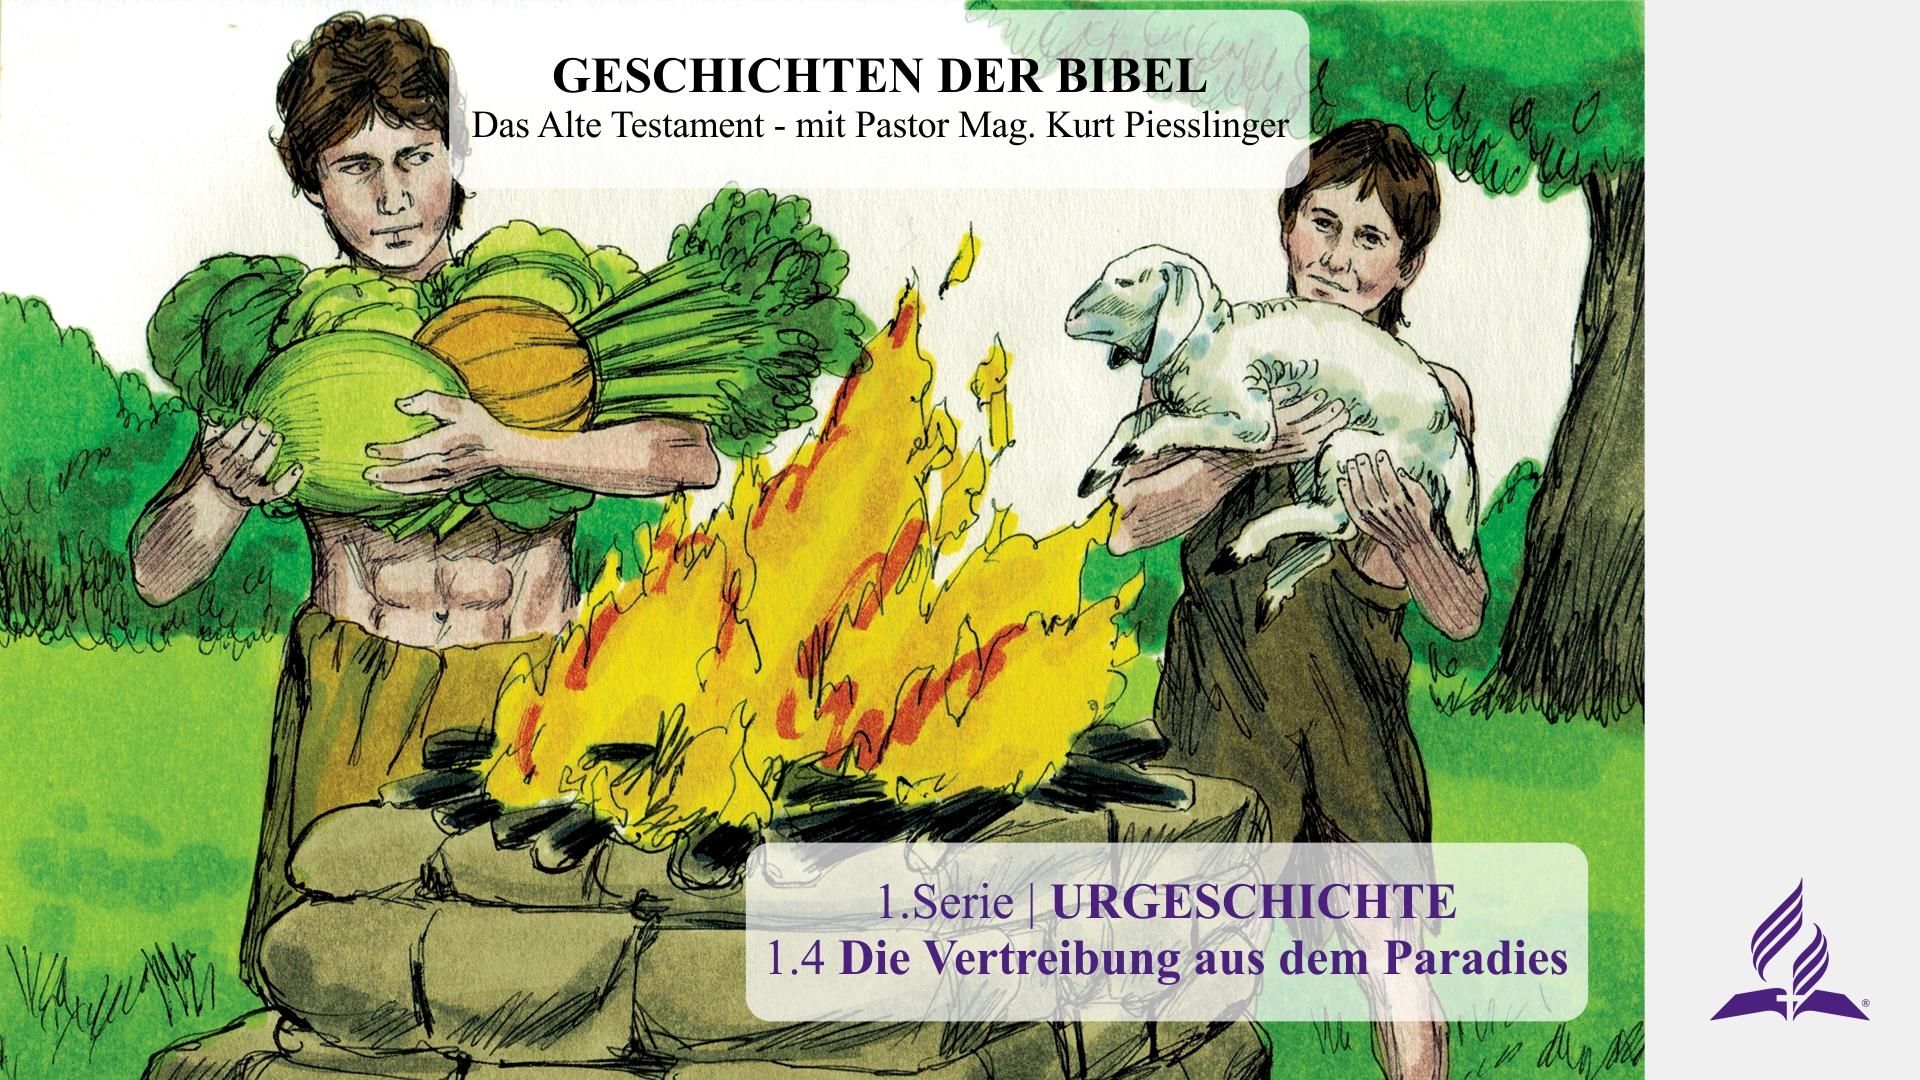 1.4 Die Vertreibung aus dem Paradies – URGESCHICHTE | Pastor Mag. Kurt Piesslinger